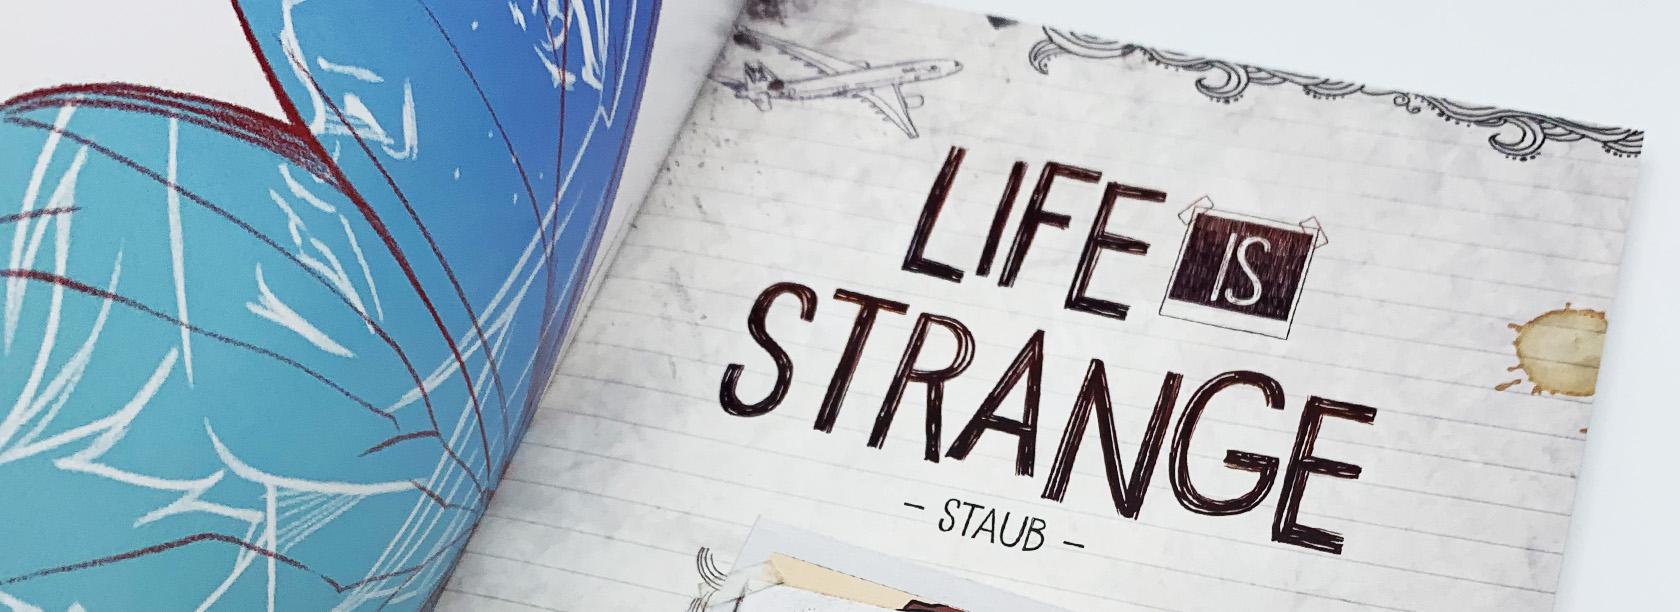 life-is-strange-topDzXy4vBW5nowF